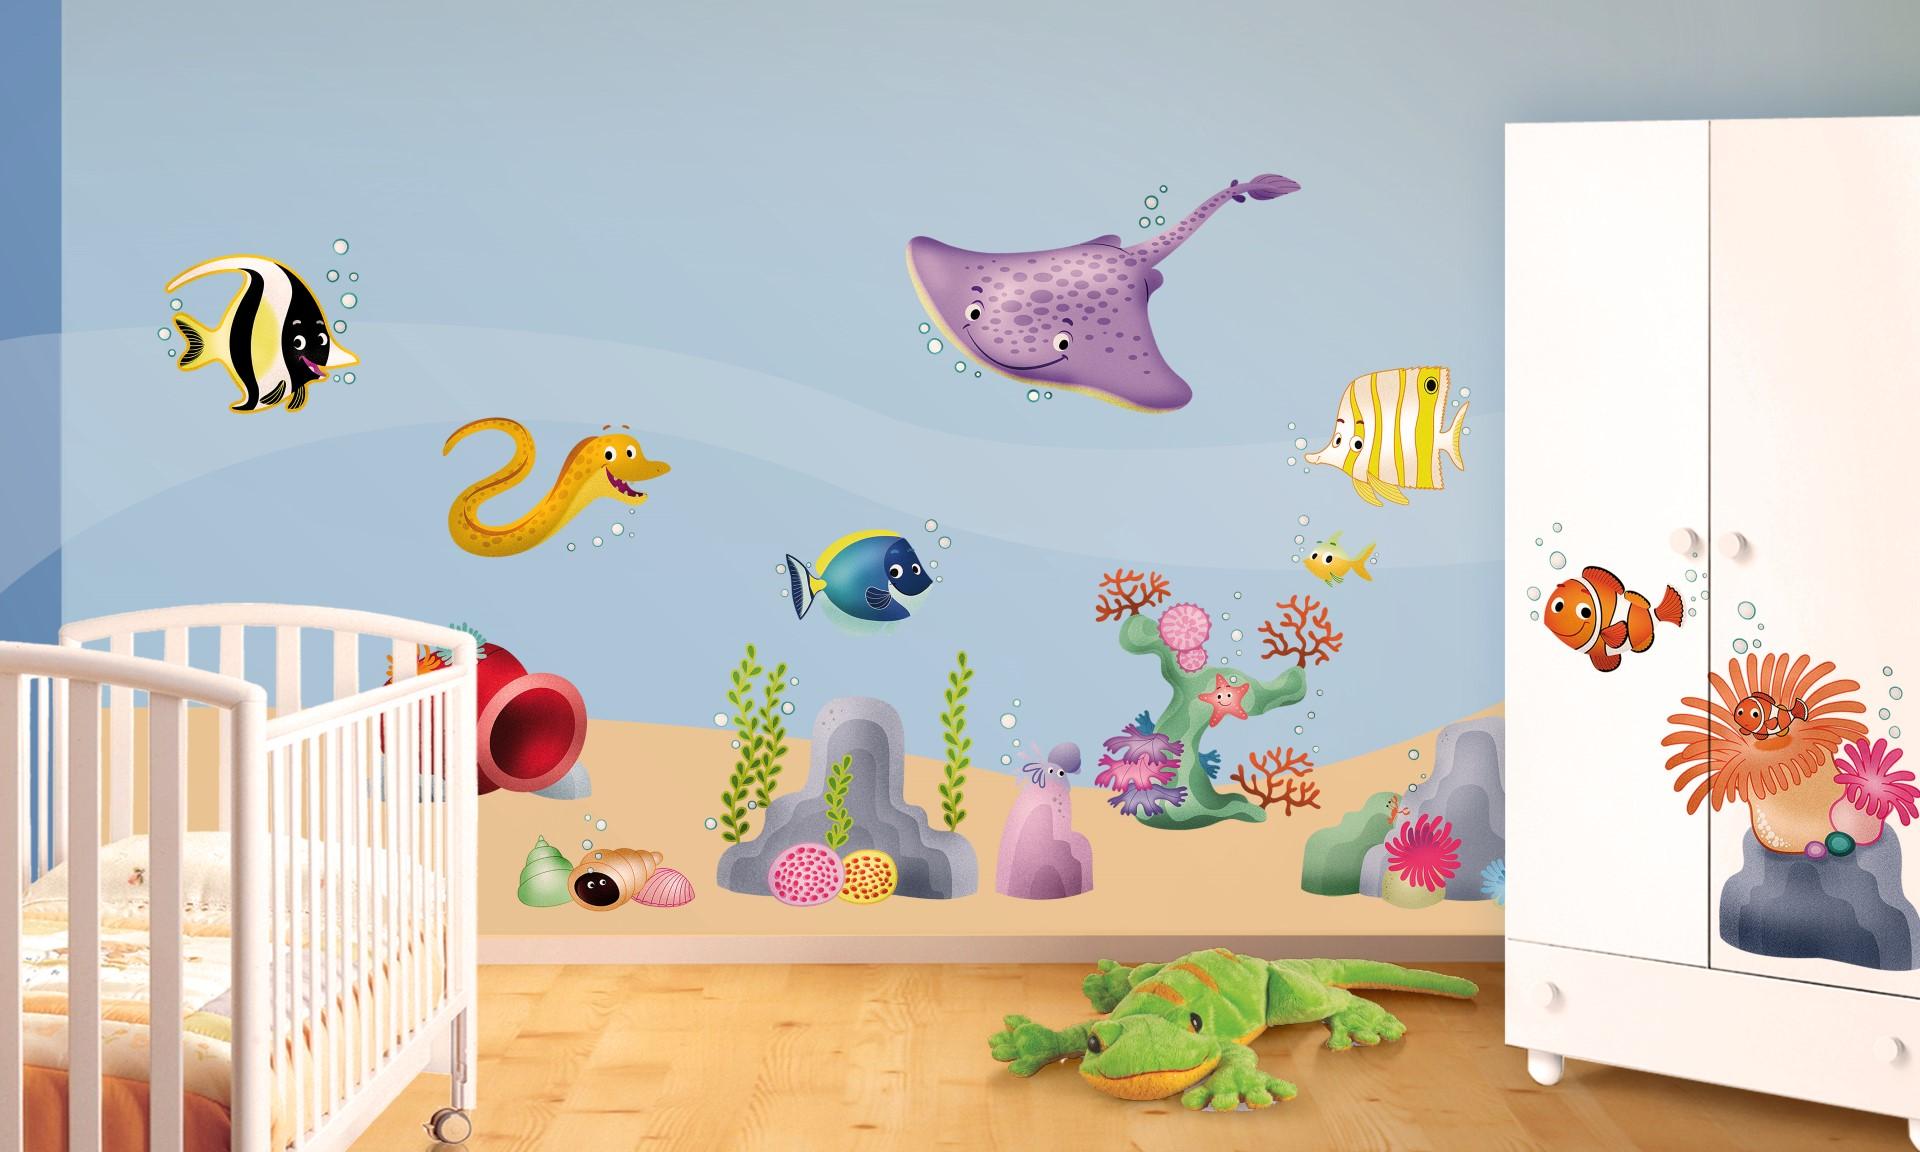 Decorazioni murali camerette bambini disegno idea adesivi - Decorazione parete cameretta ...